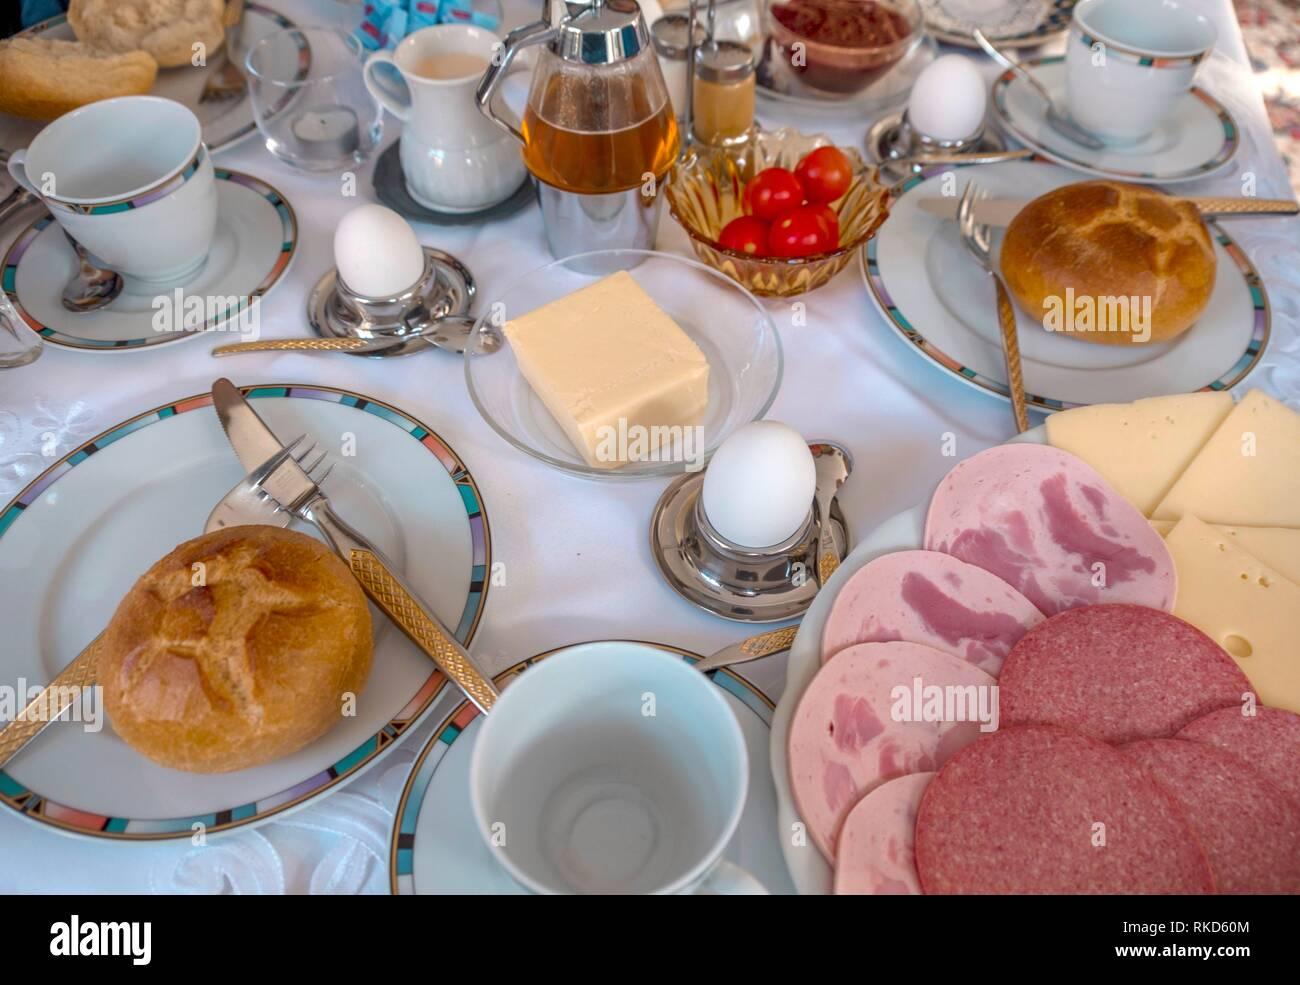 Alemania, alimentos, mesa de desayuno. Imagen De Stock